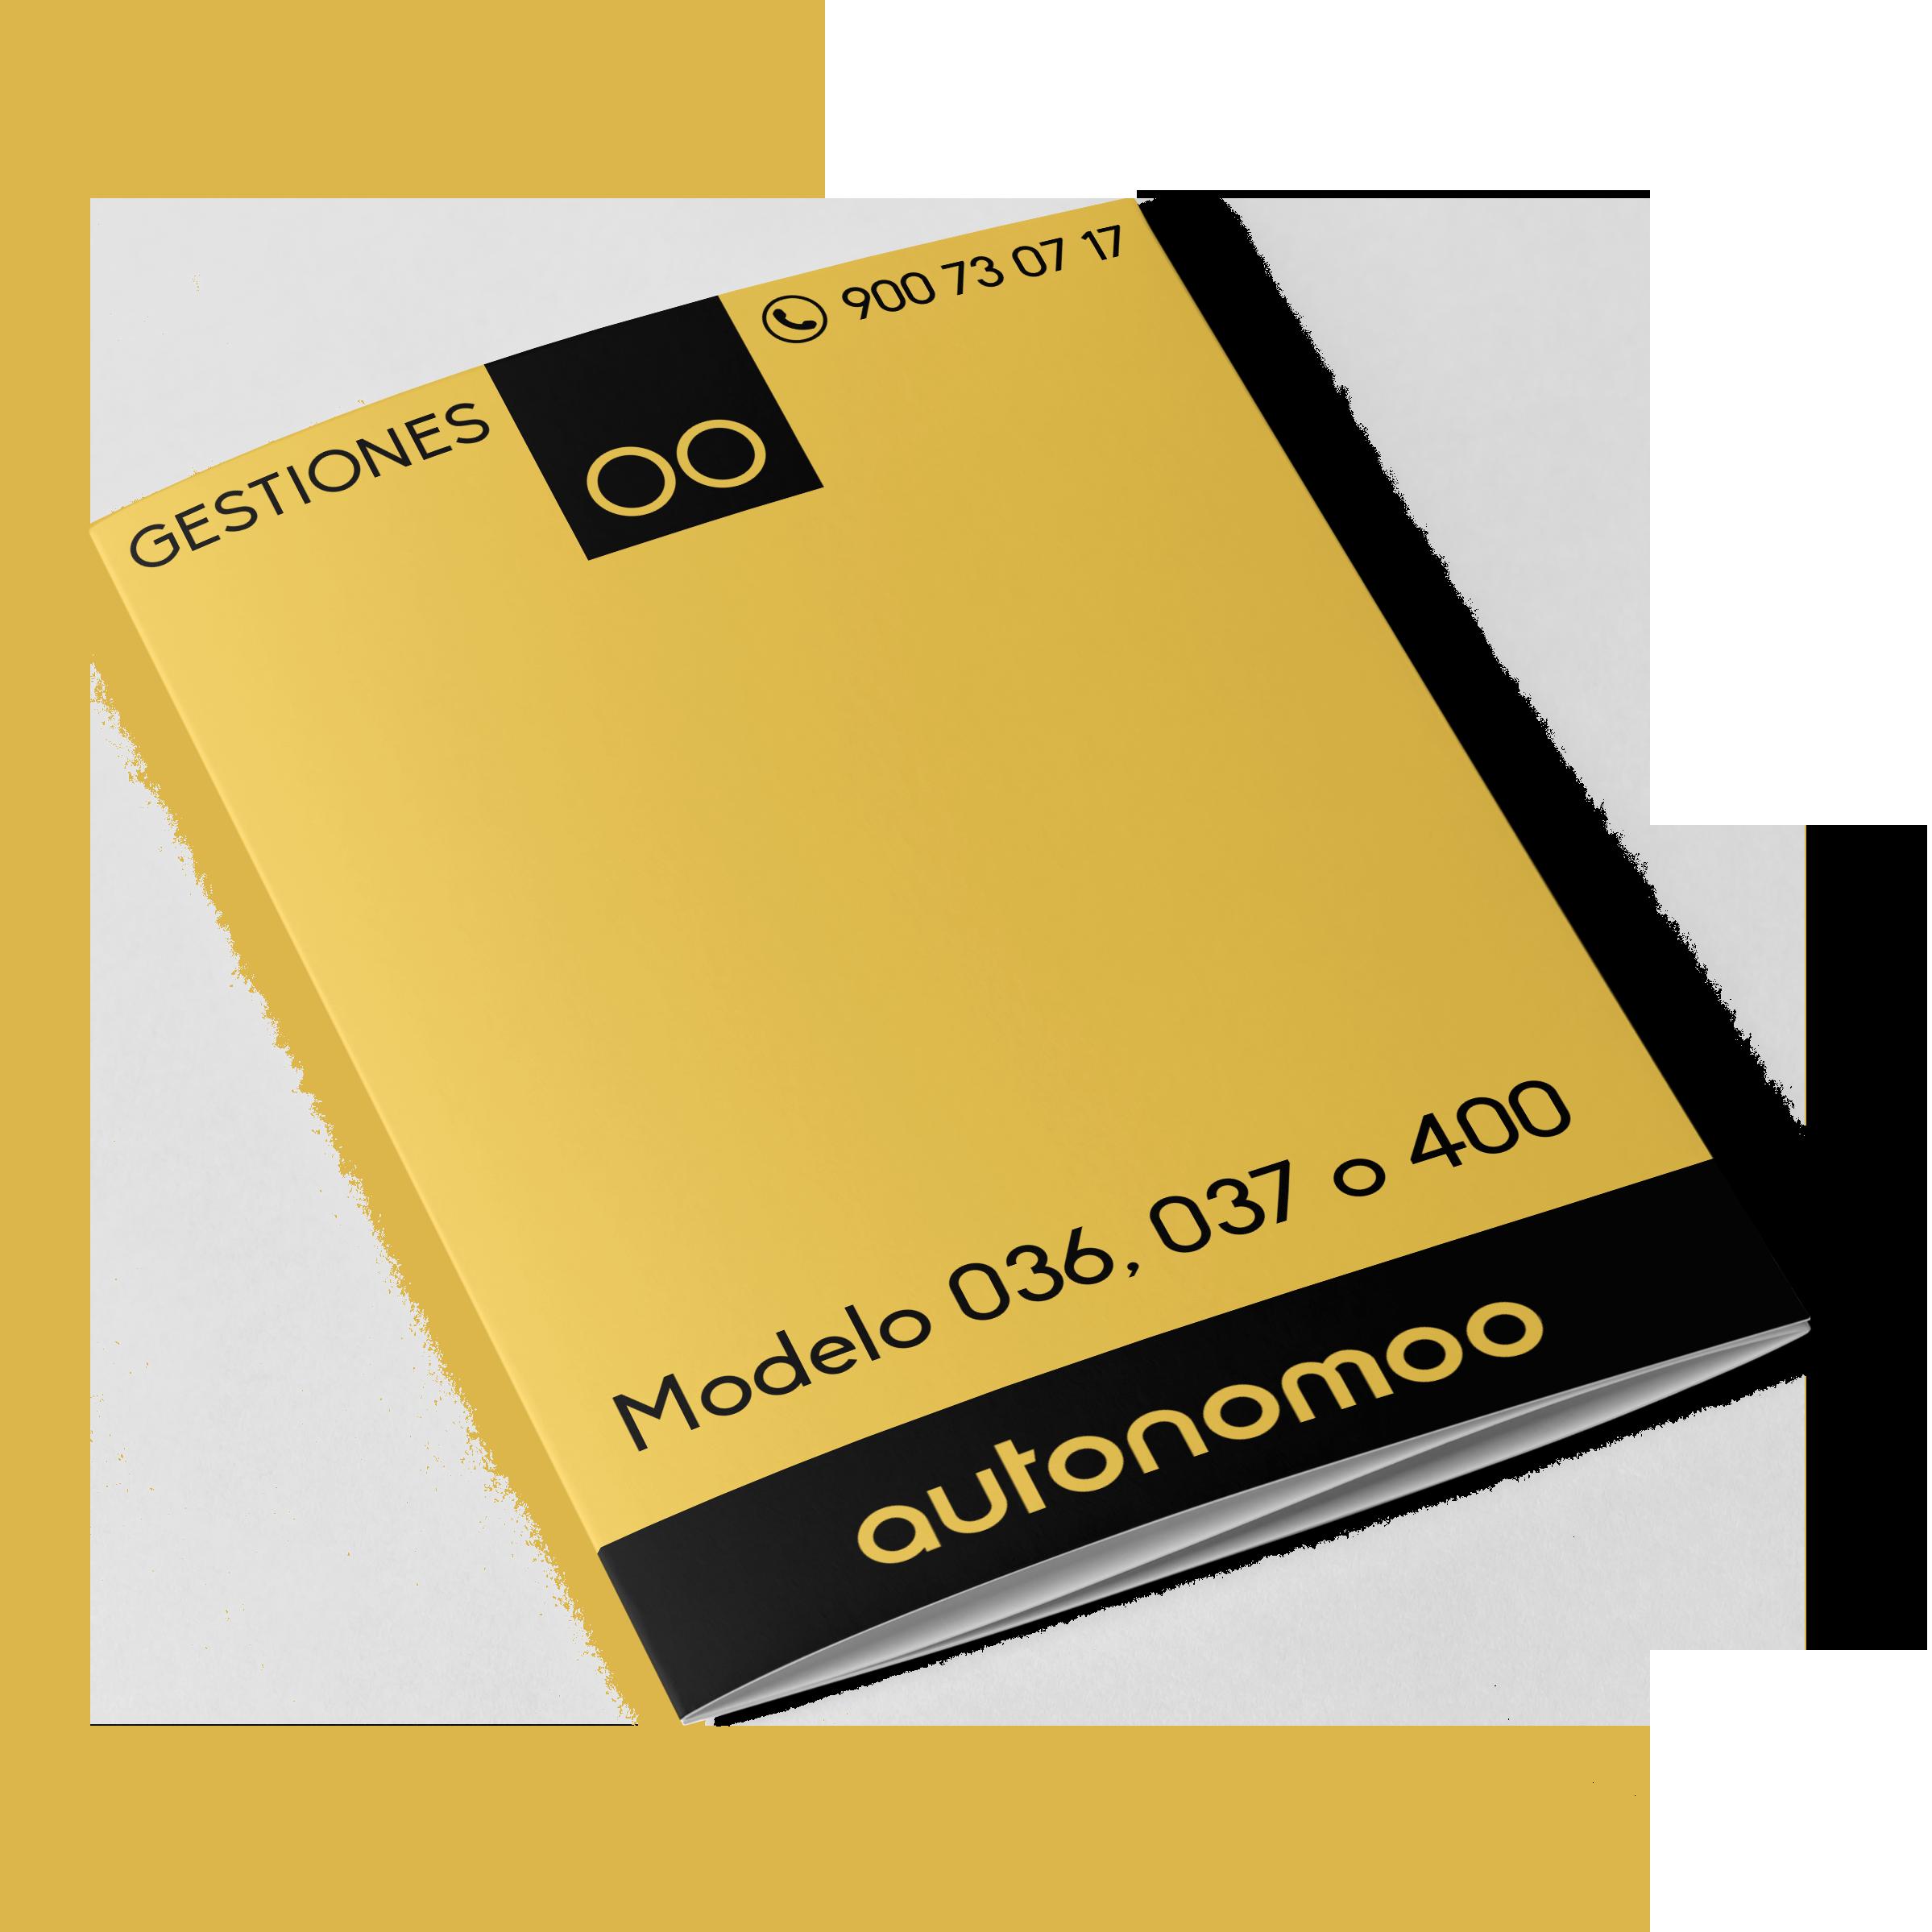 Alta modelo 036, 037 o 400